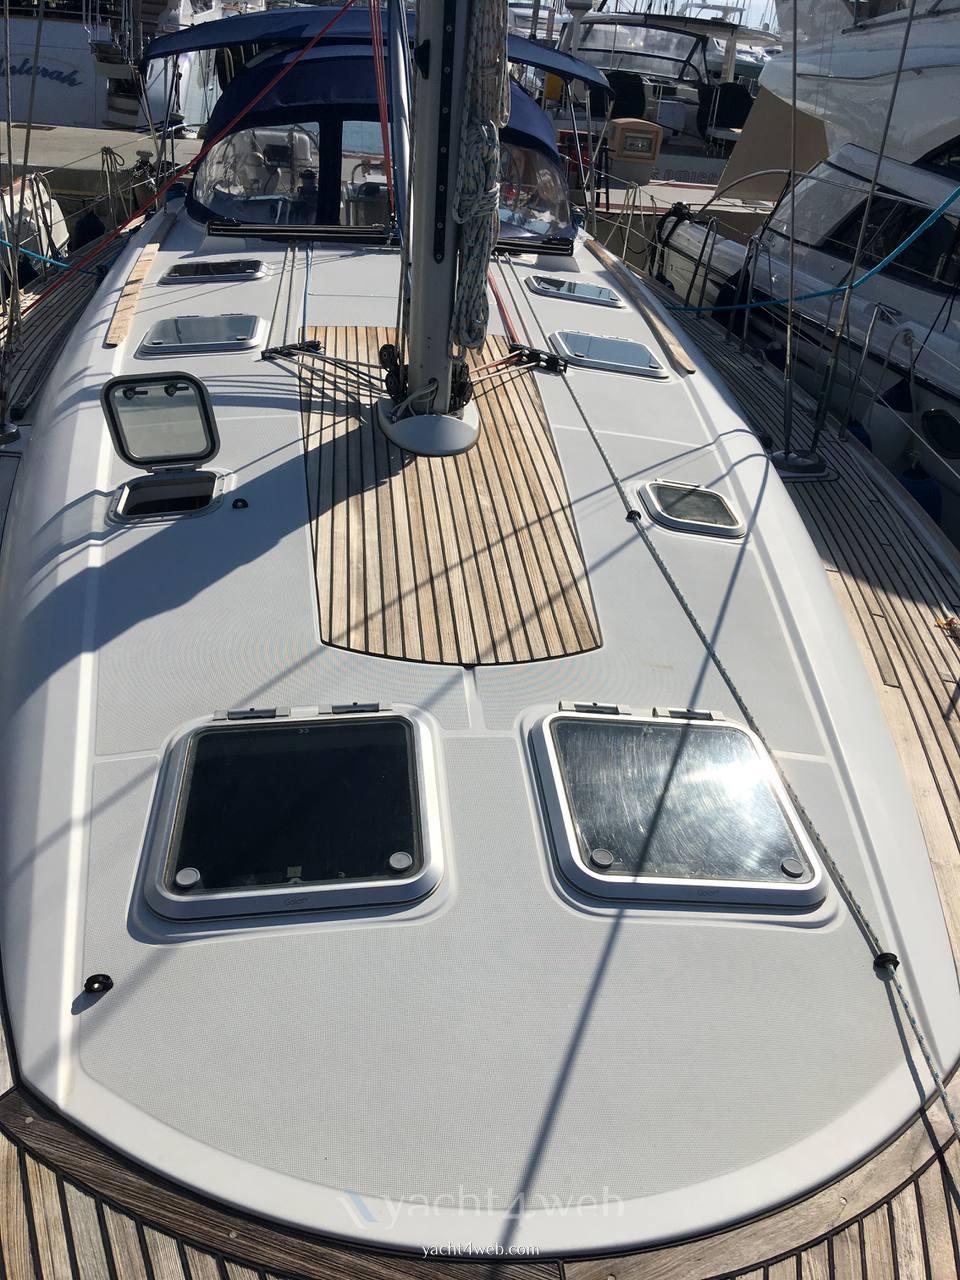 Jeanneau Sun odyssey 49 sailing boat